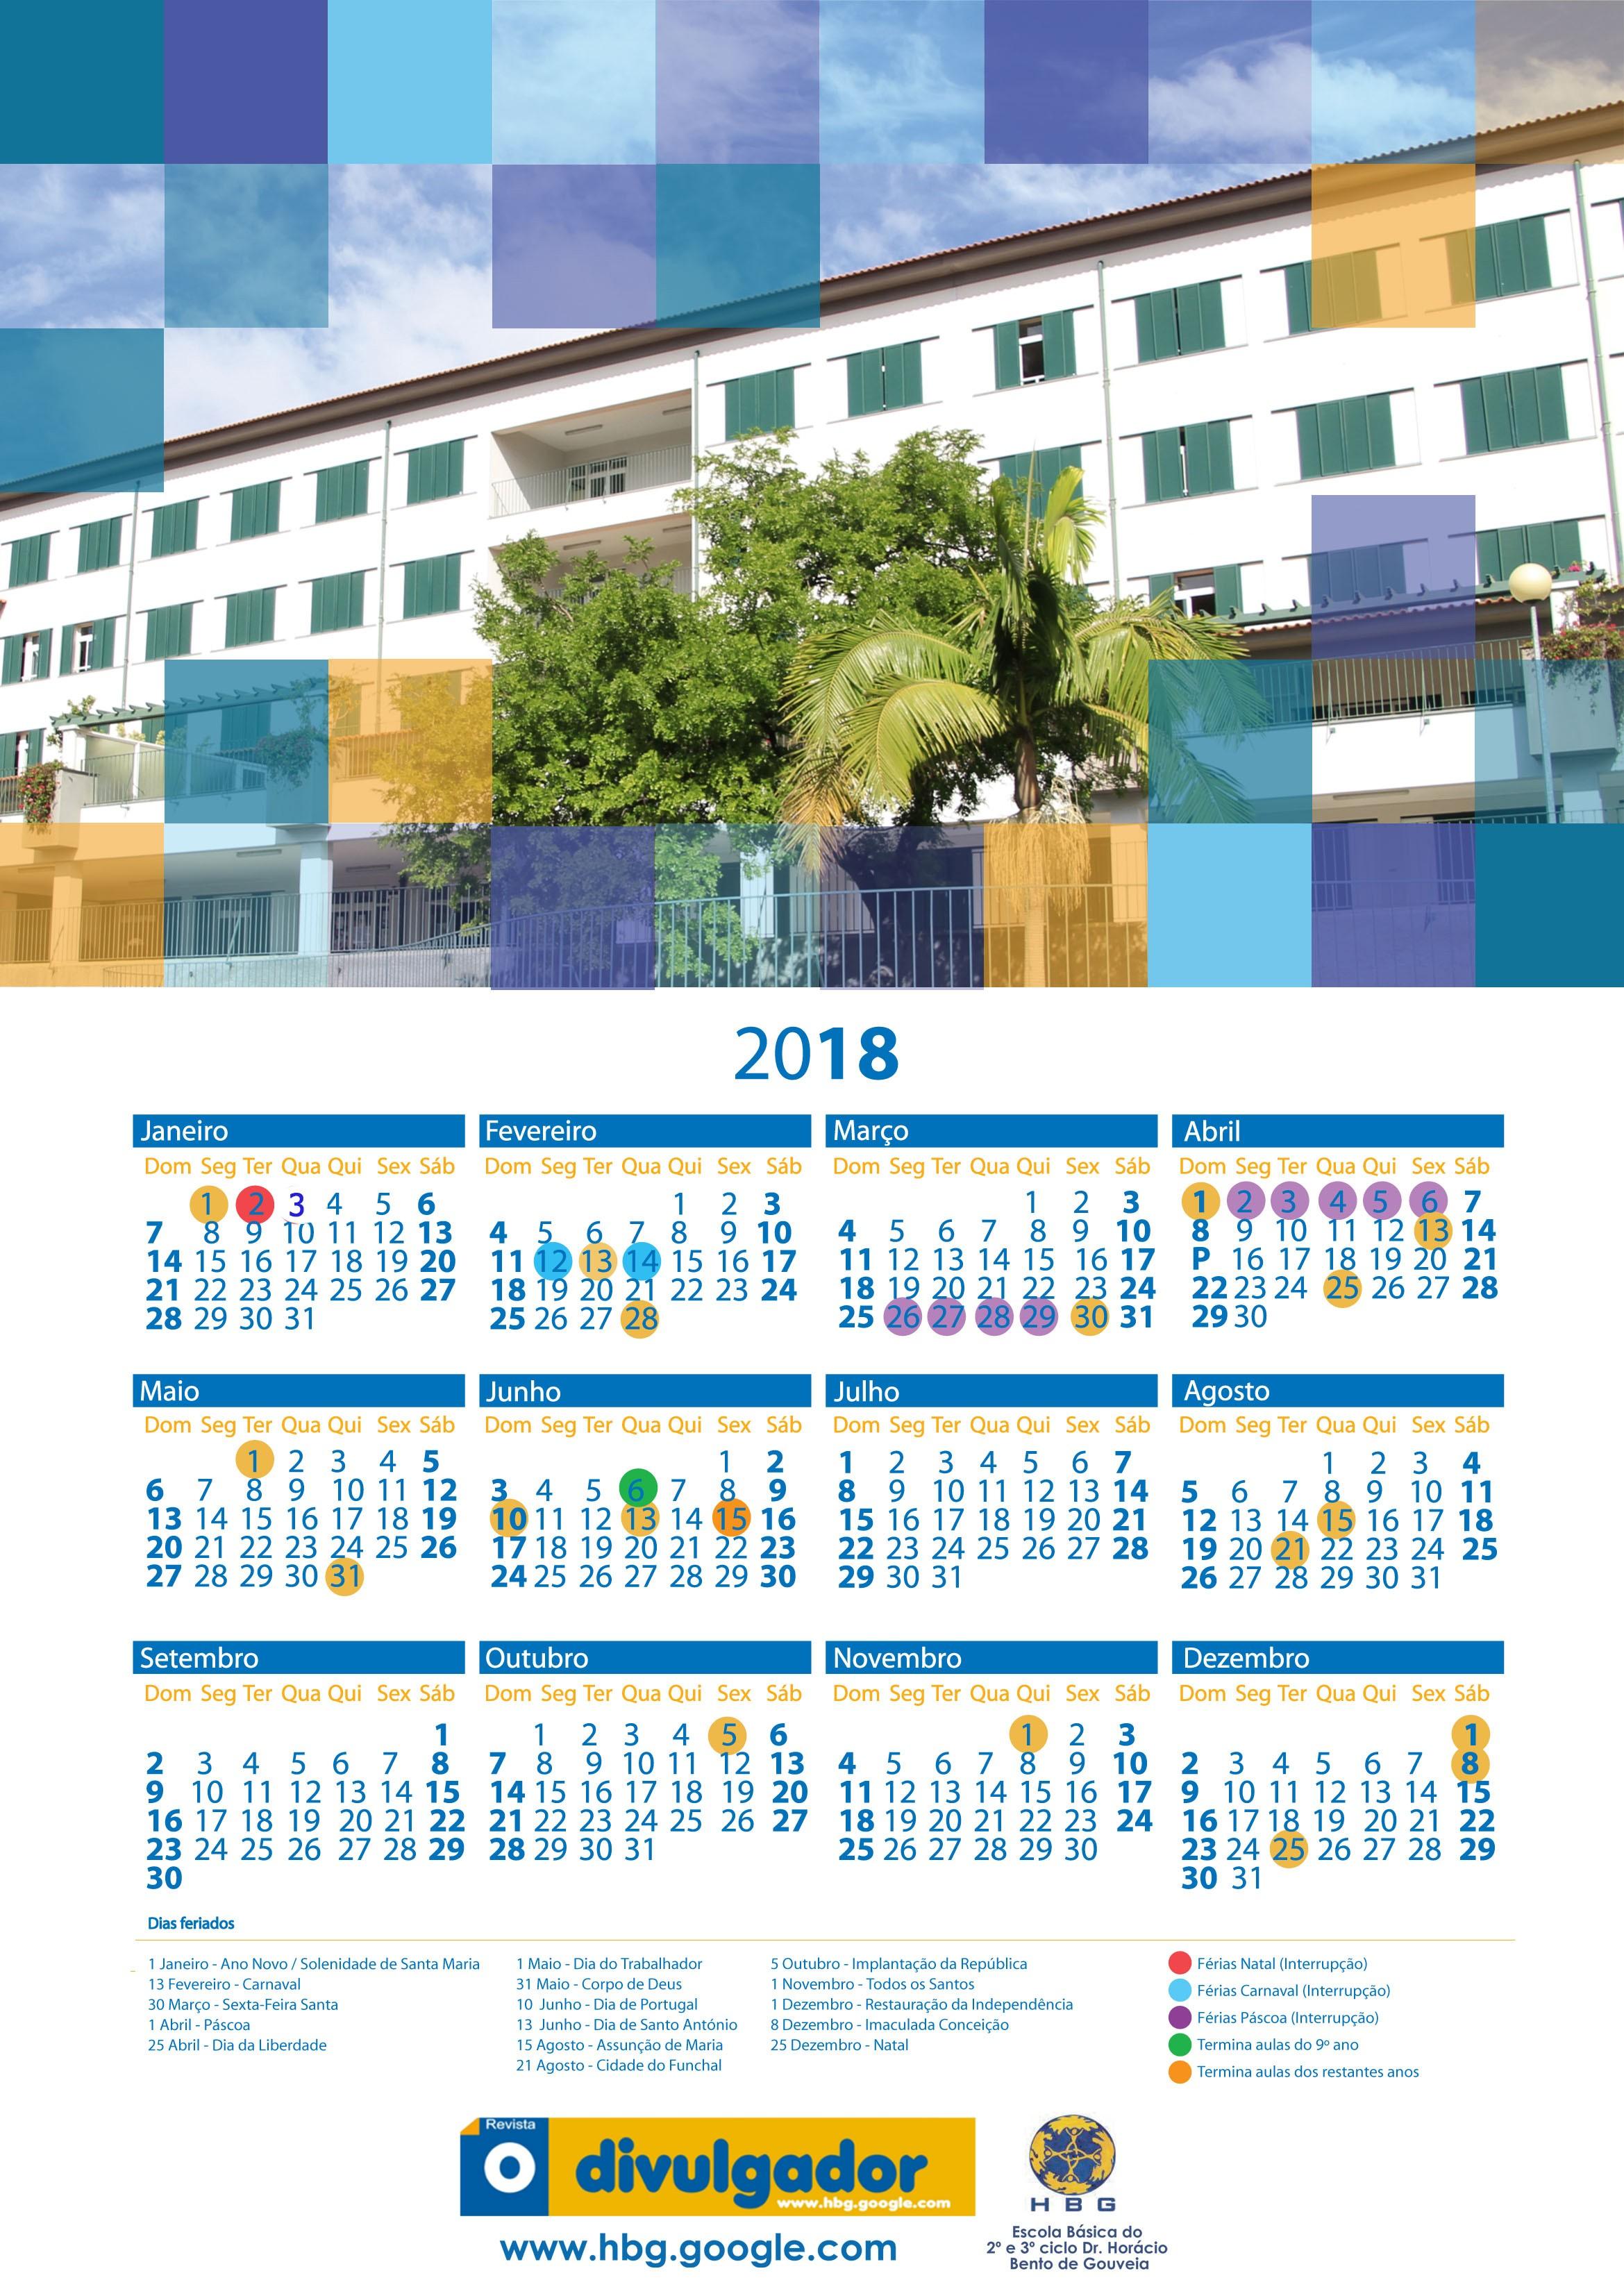 3º ciclos Dr Horácio Bento de Gouveia um Feliz Ano Novo repleto de esperan§a e prosperidade e disponibiliza a todos o Calendário do Ano Novo 2018